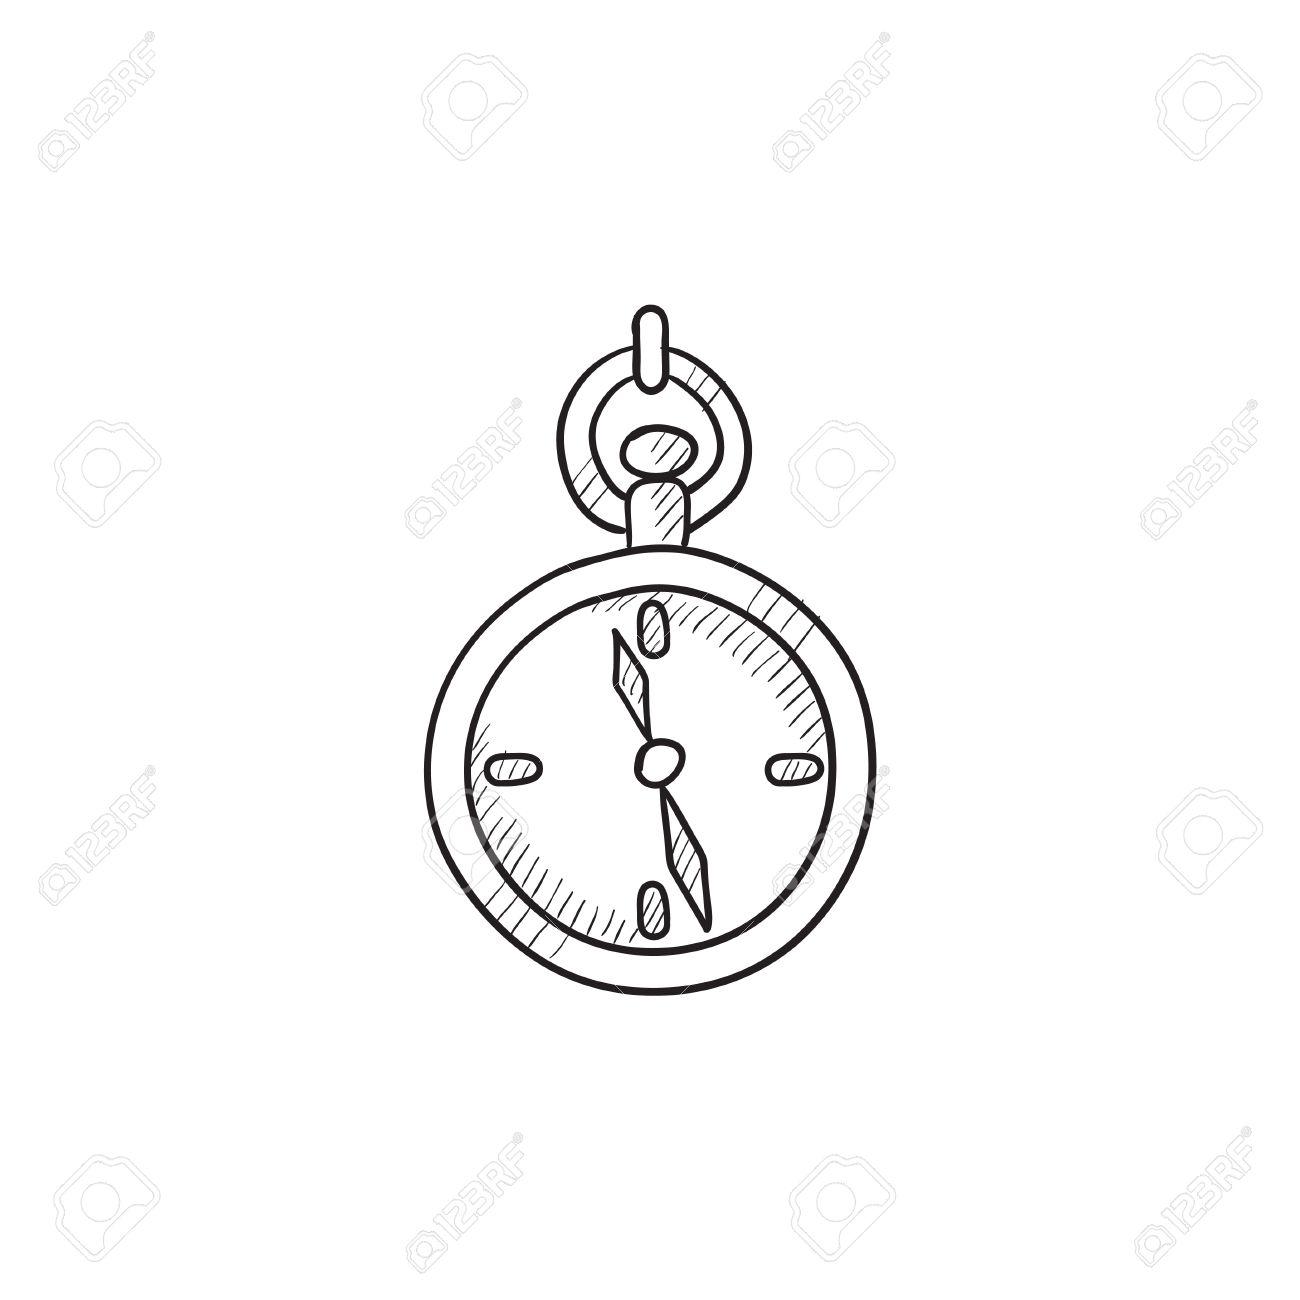 Taschenuhr gezeichnet  Taschenuhr Skizze Symbol Für Web, Mobile Und Infografiken. Hand ...